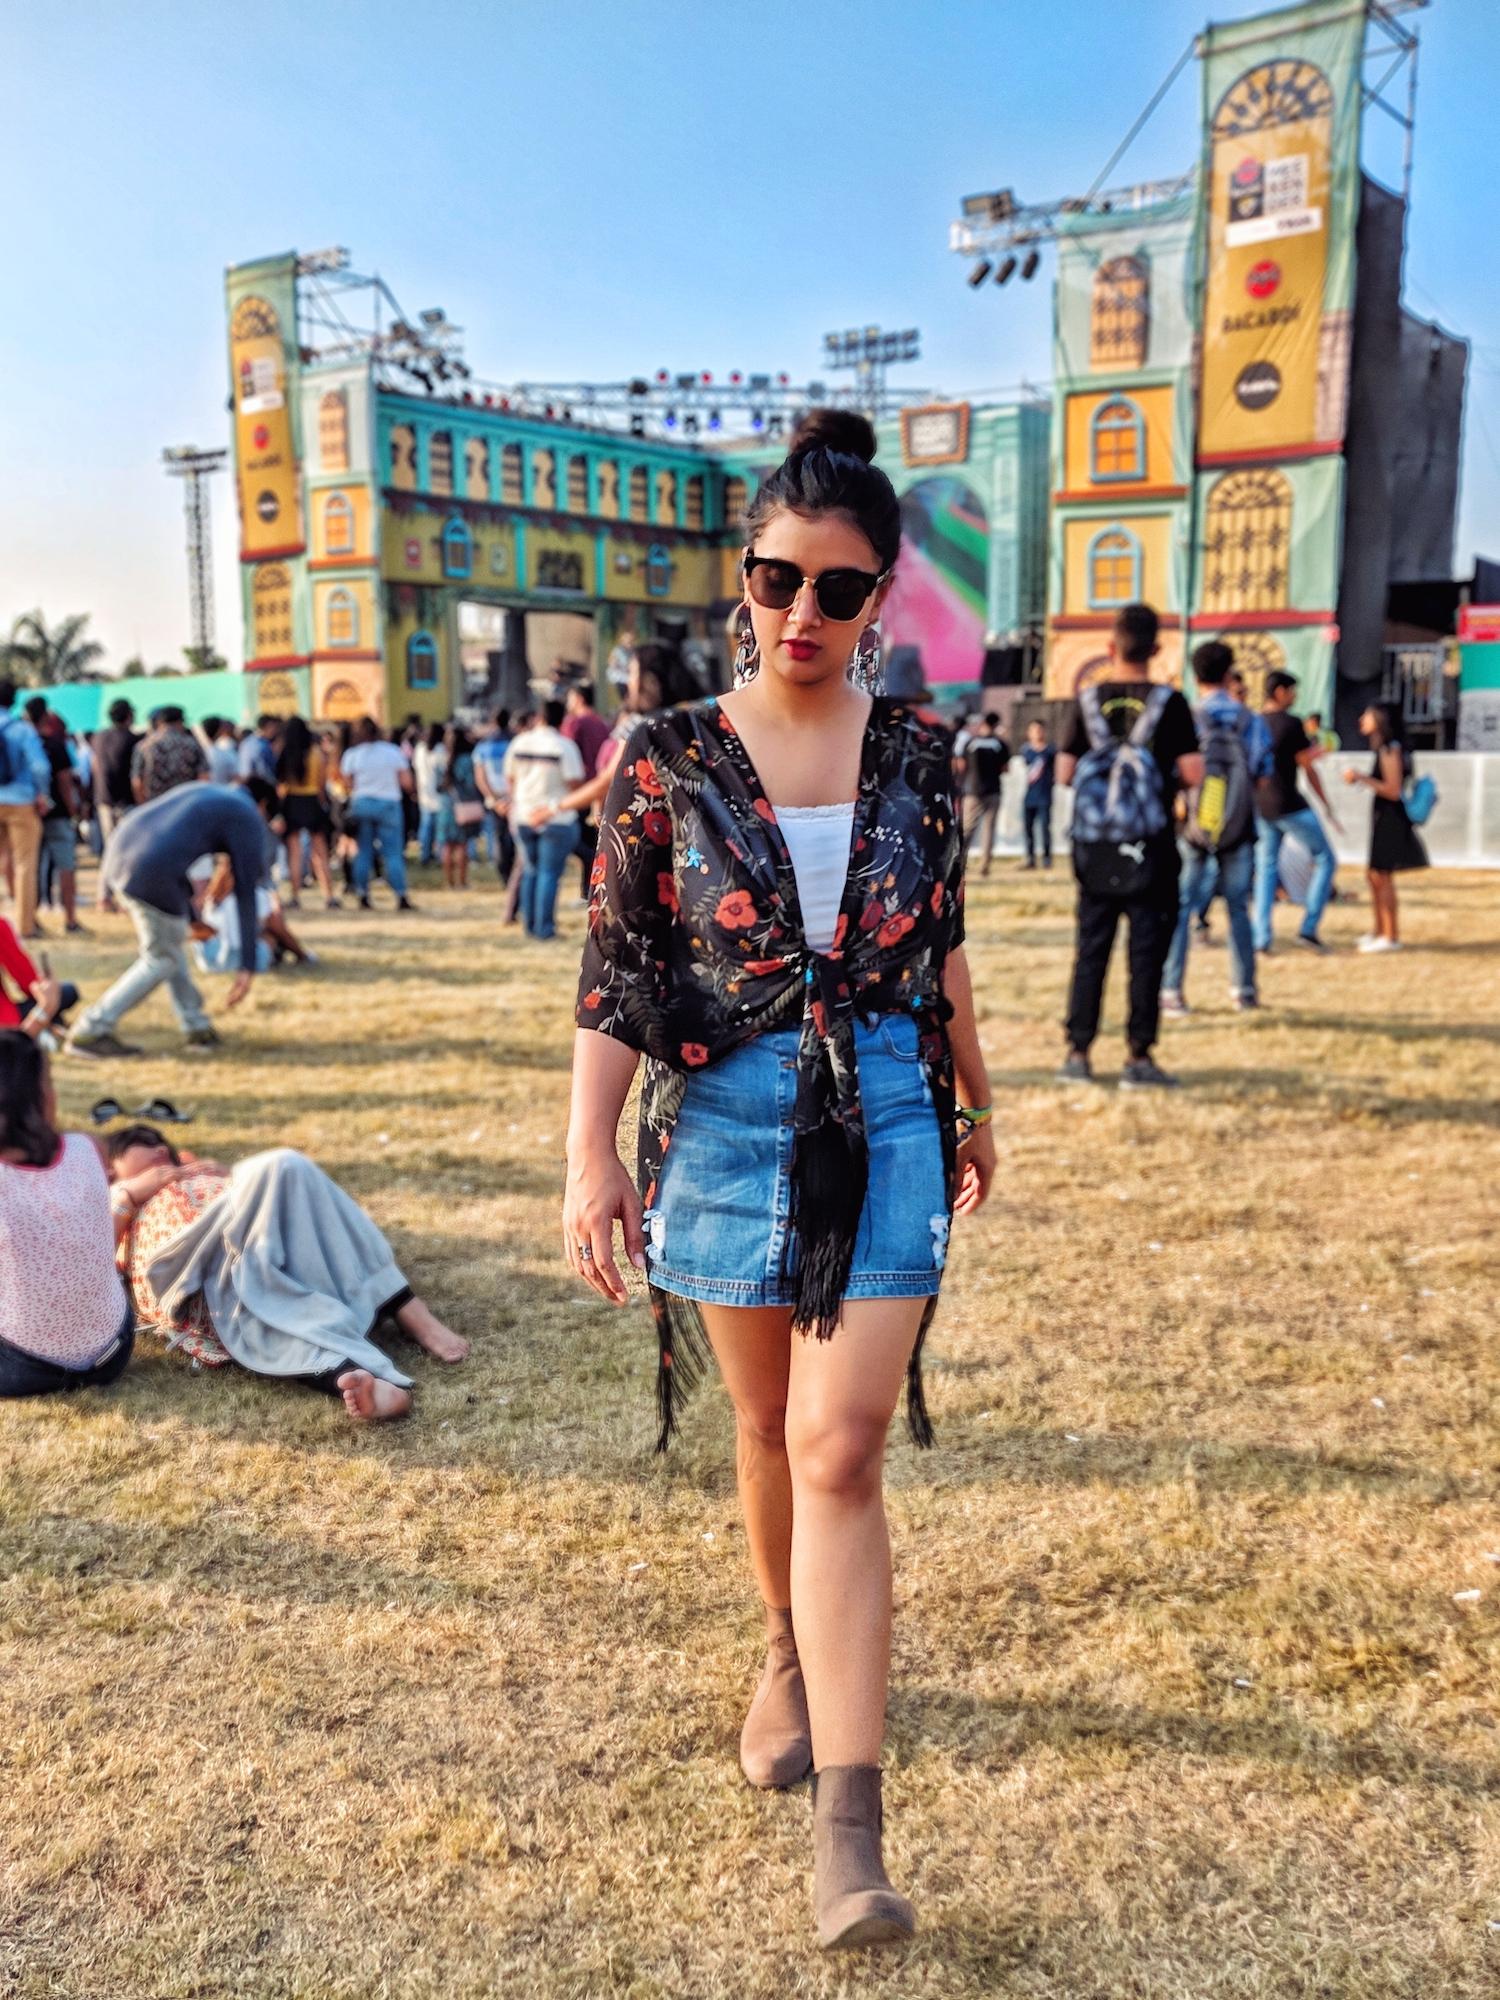 music festival nh7 weekender